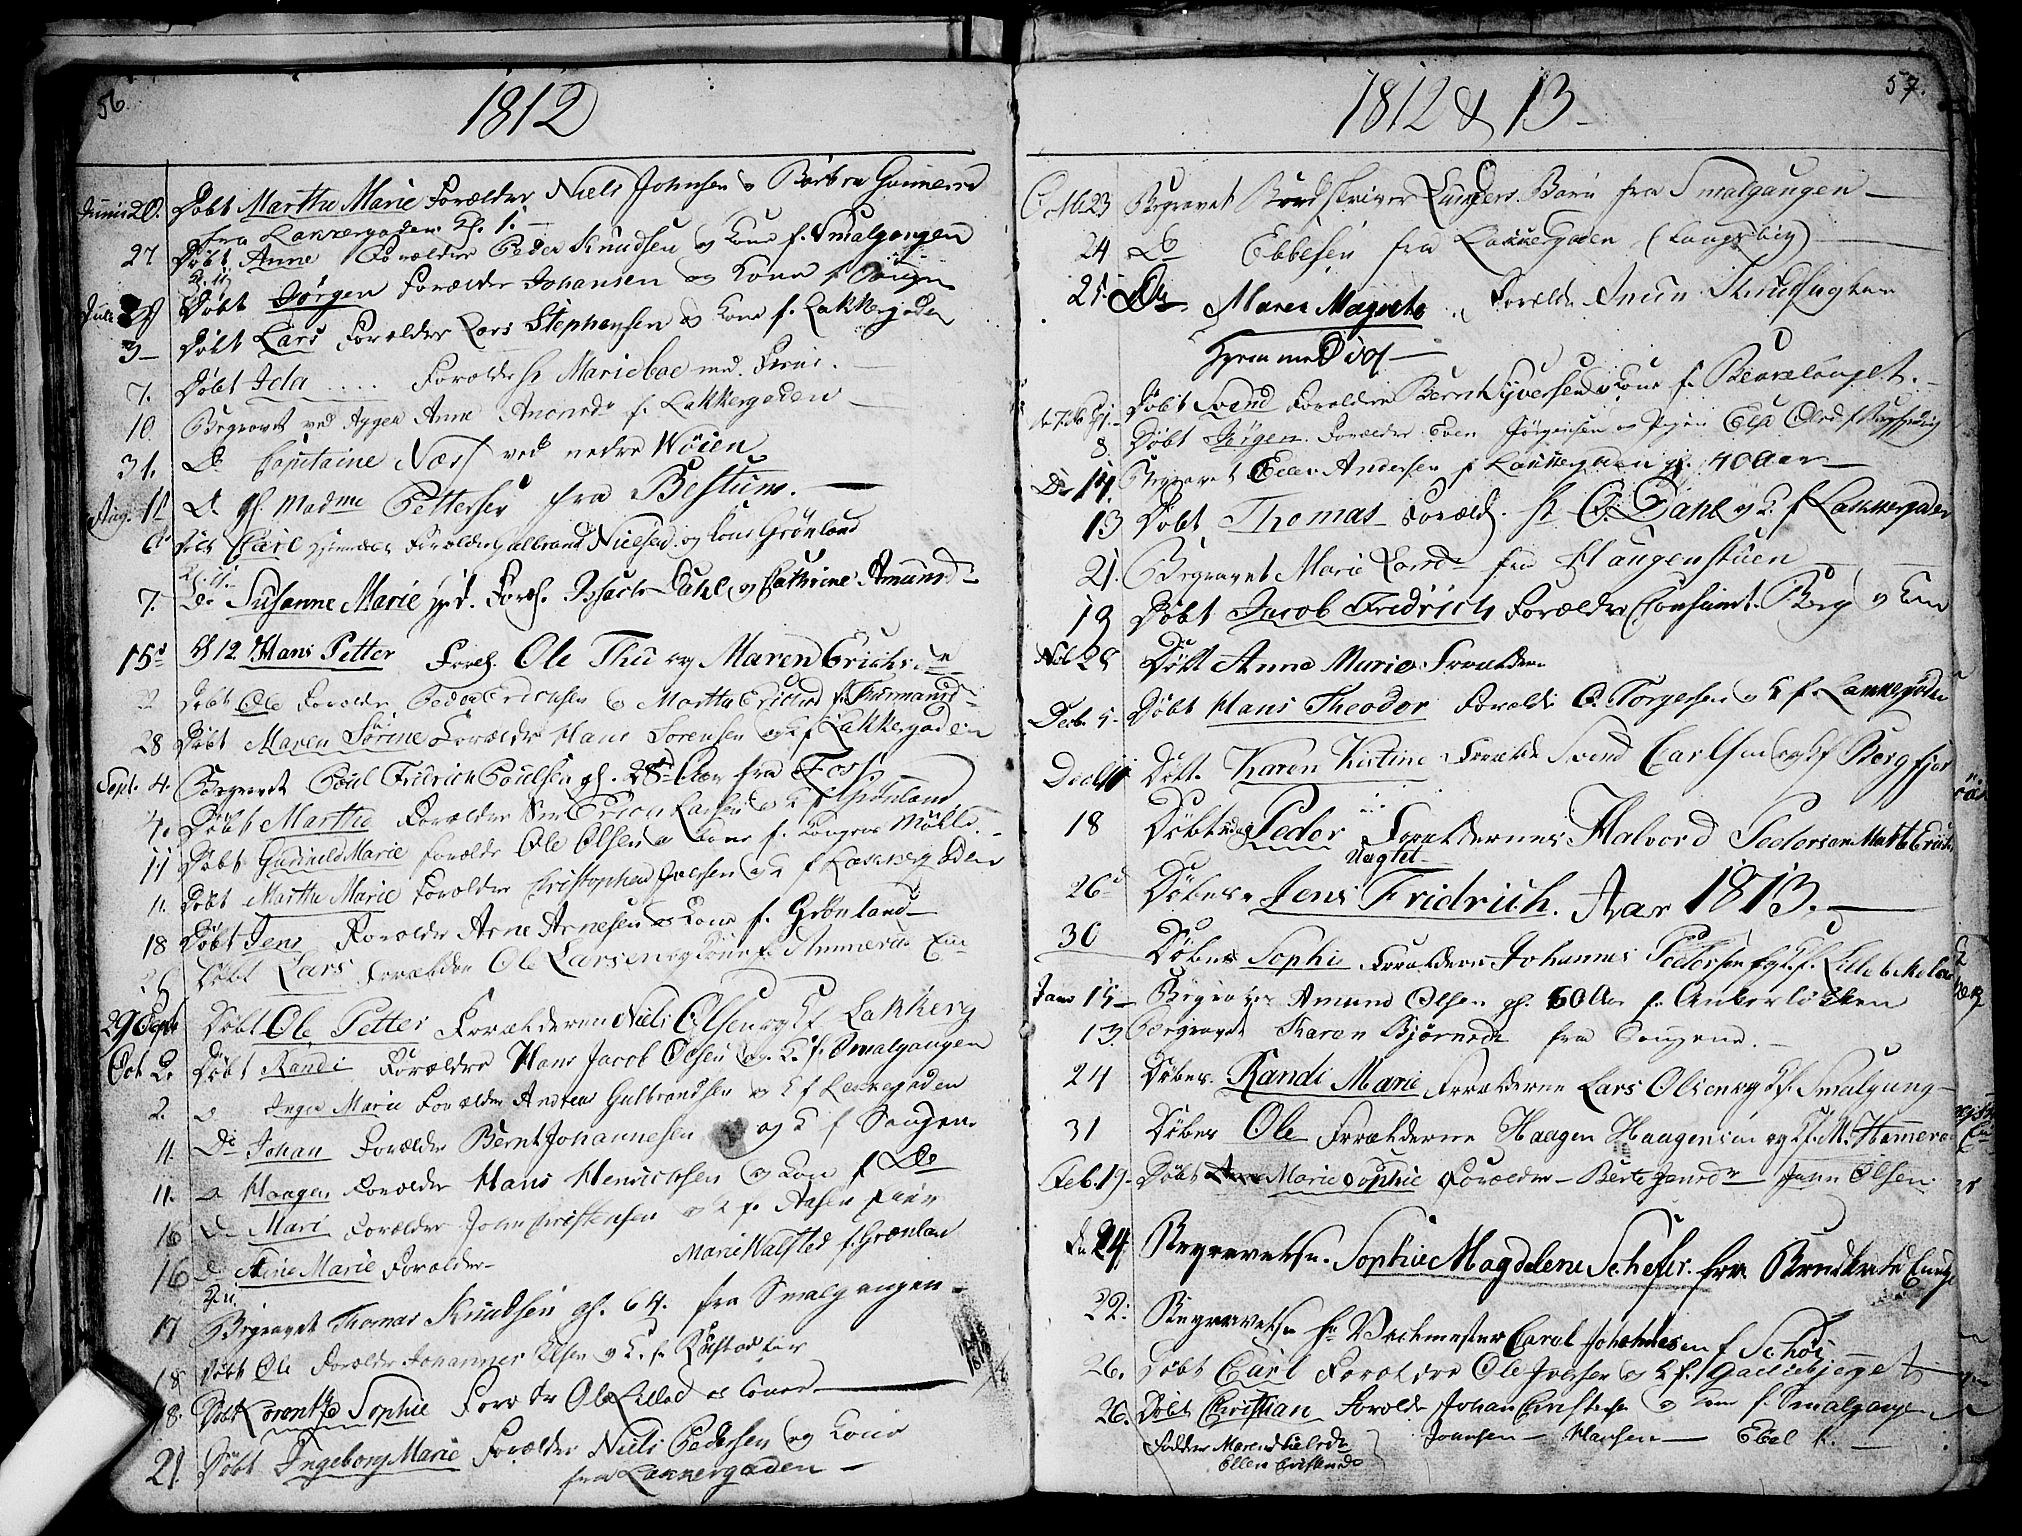 SAO, Aker prestekontor kirkebøker, G/L0001: Klokkerbok nr. 1, 1796-1826, s. 56-57